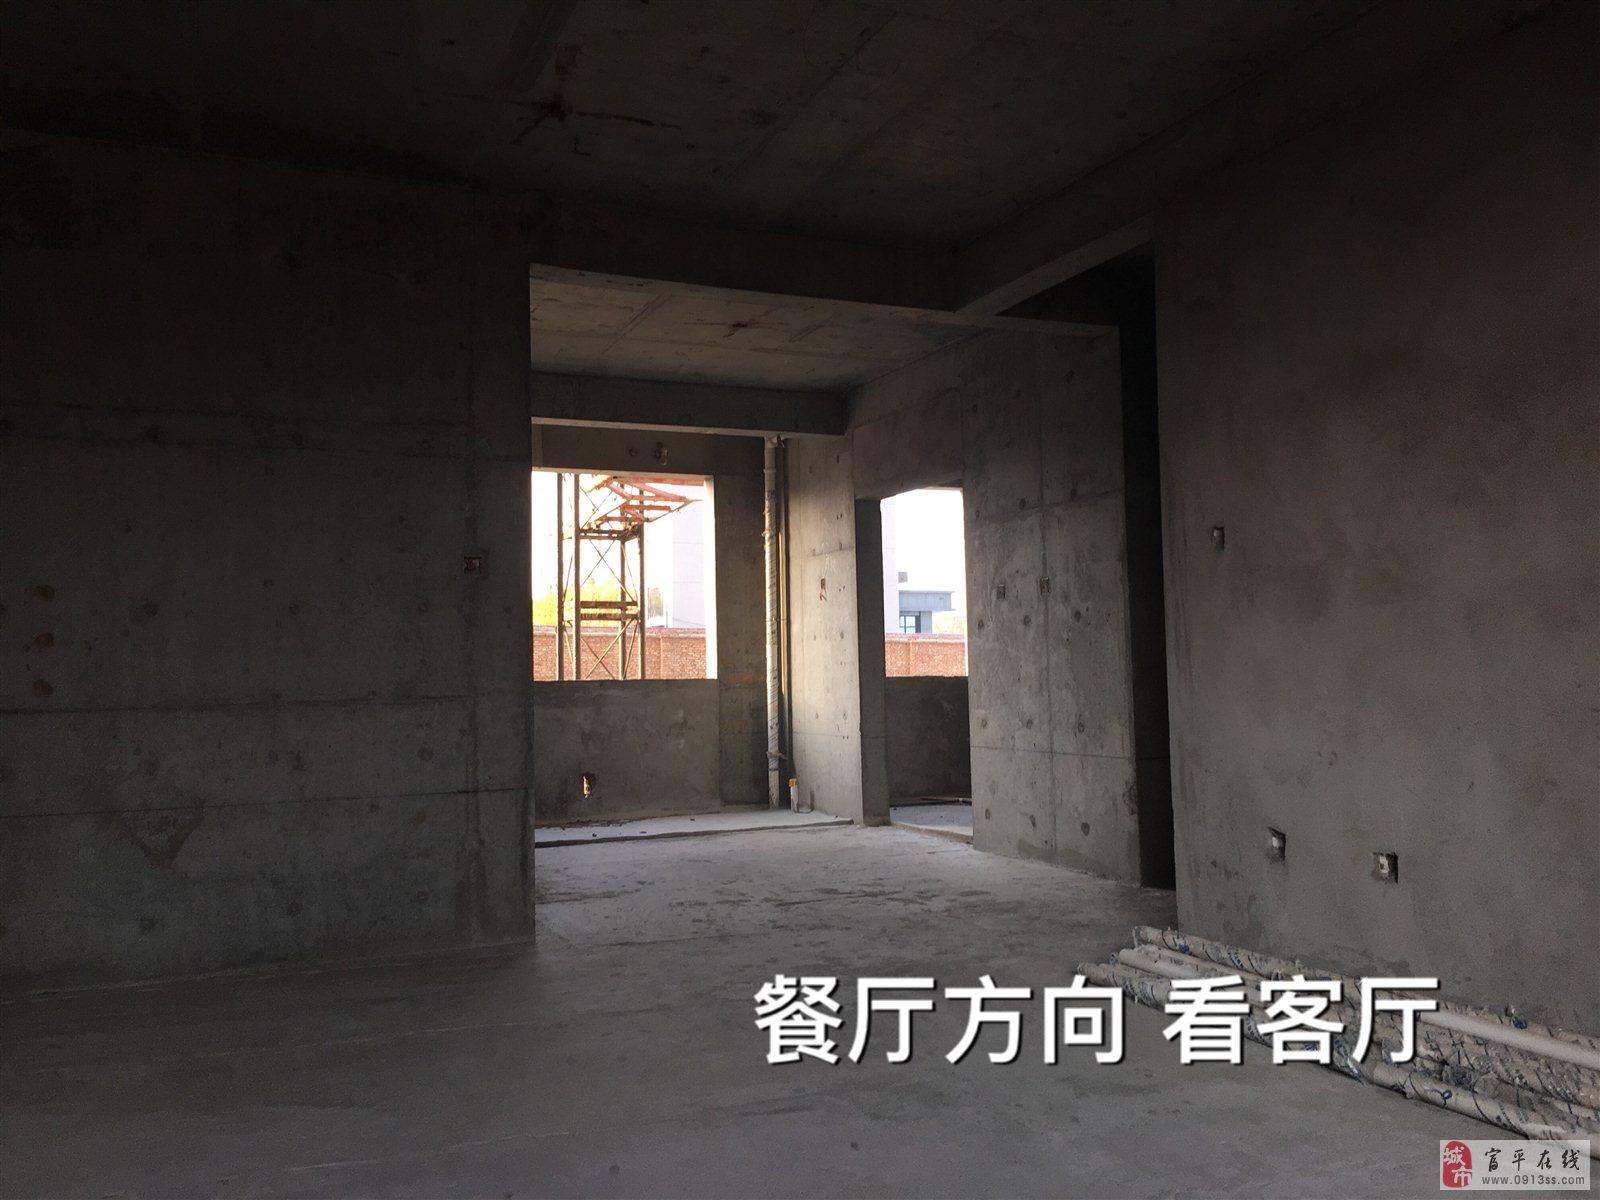 温泉河畔,富平中学旁新房出售图片